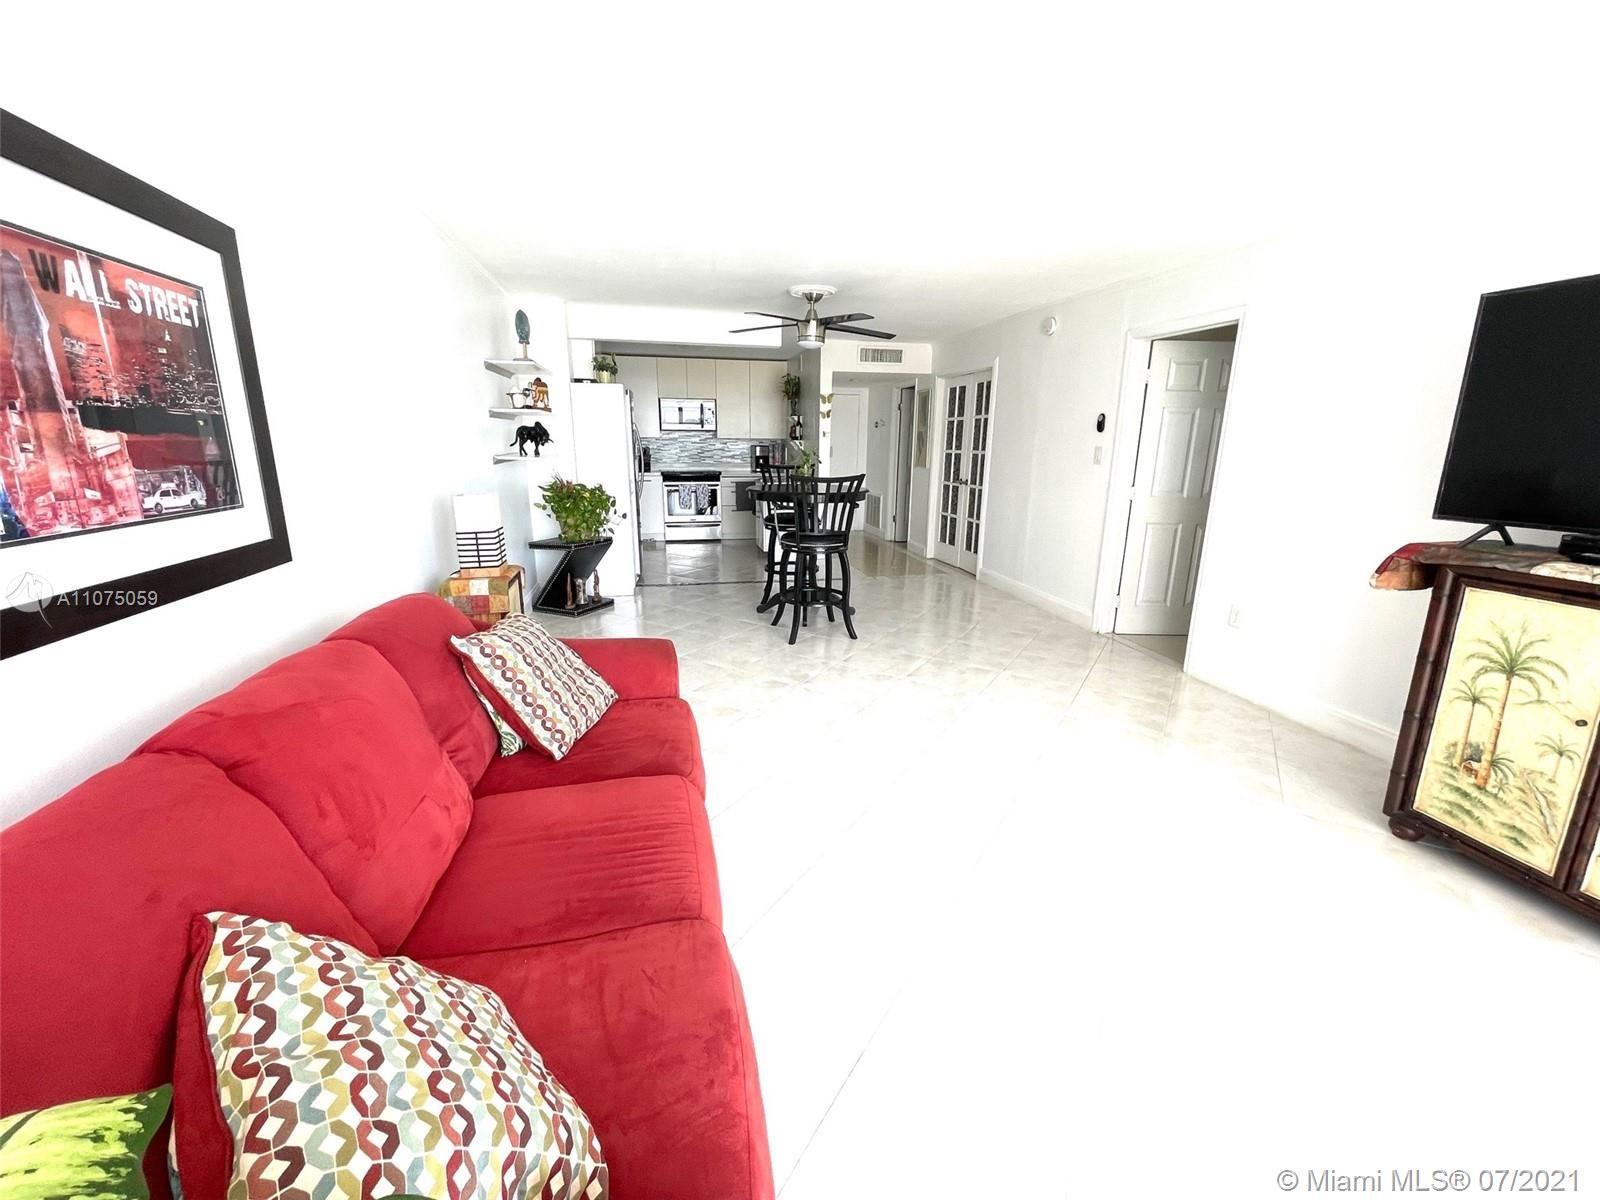 Photo of 18071 Biscayne Blvd #403, Aventura, FL 33160 (MLS # A11075059)